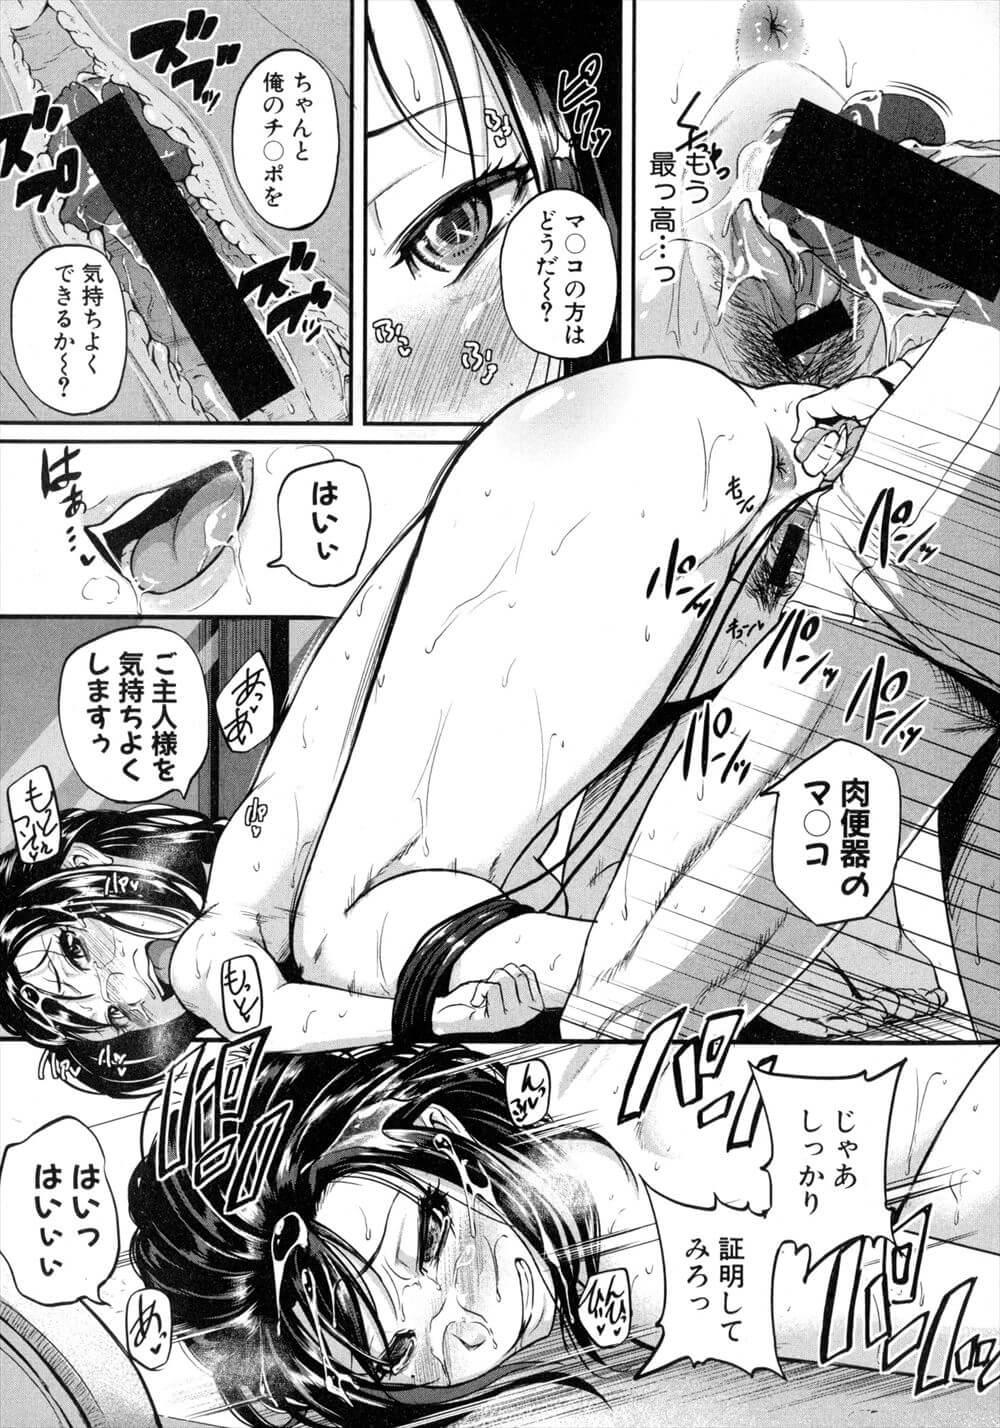 【エロ漫画】夜更けに仕事も性欲も溜まってドMな肉便器課長とビルの窓際で性欲発散!【無料 エロ同人】 (6)